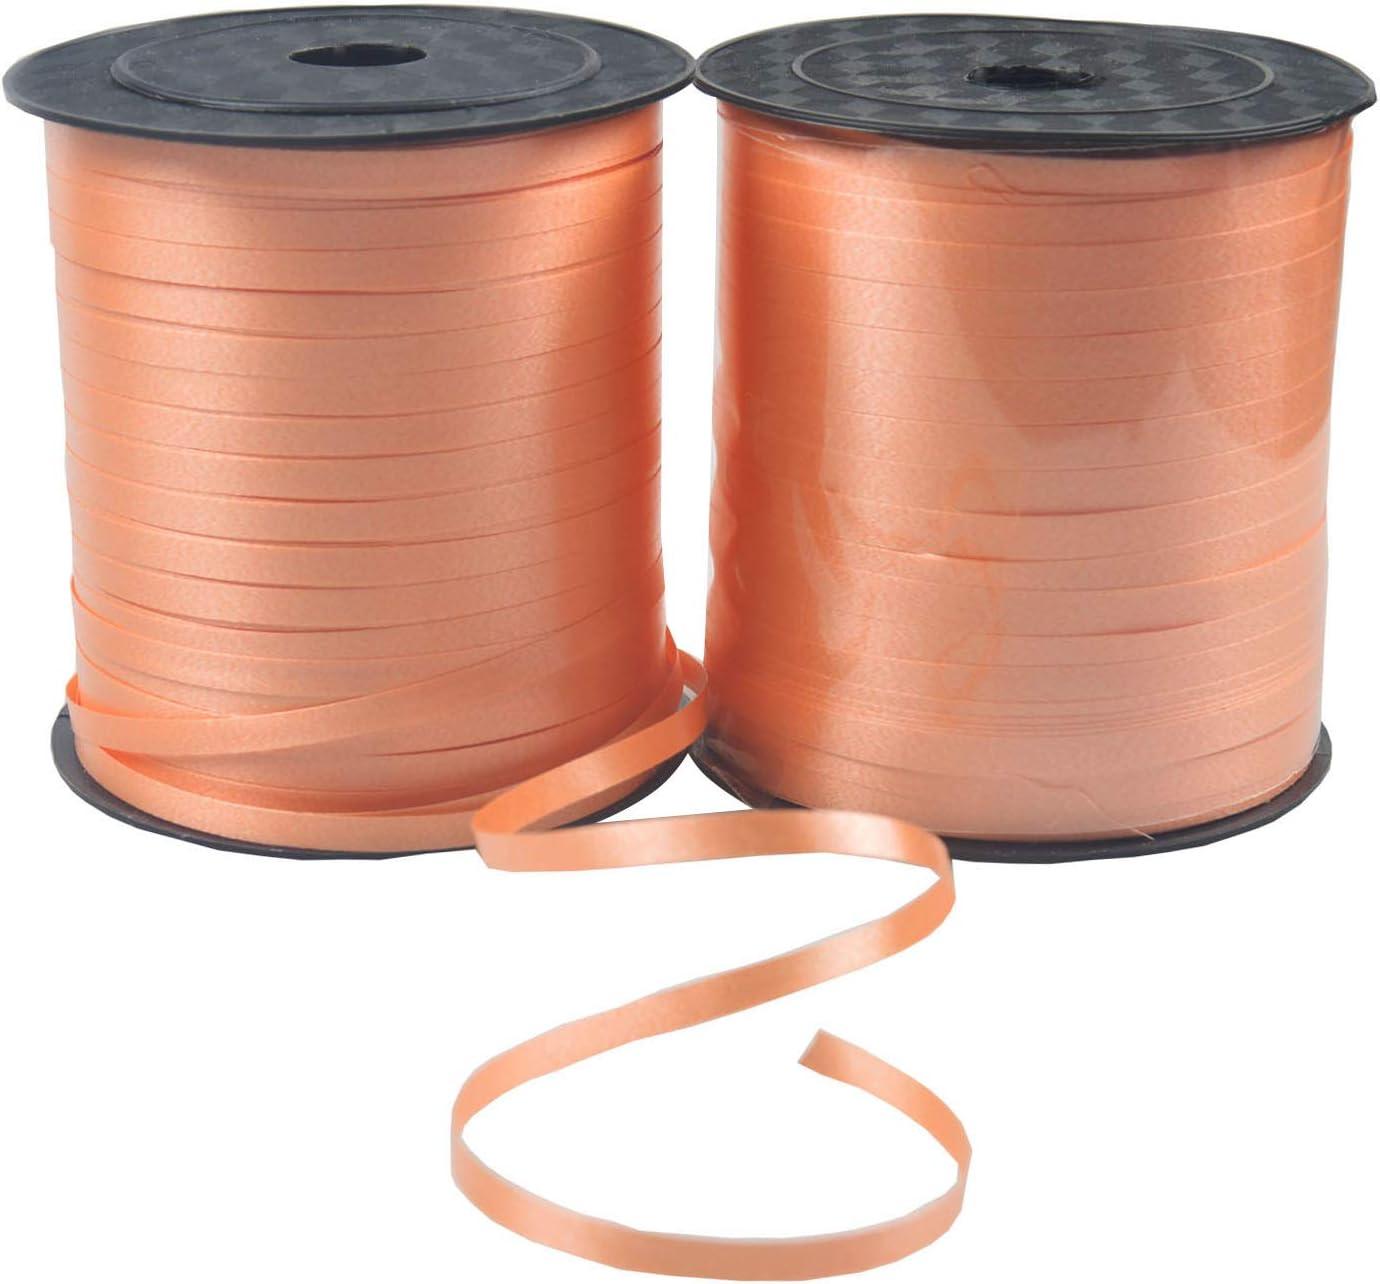 ALYNA 2 rollos de cinta de satén de doble cara de 500 yardas de ALYNA para envolver regalos, globos, bodas, fiestas de cumpleaños, festivales, decoración de fiestas rosa (Rojo): Amazon.es: Hogar